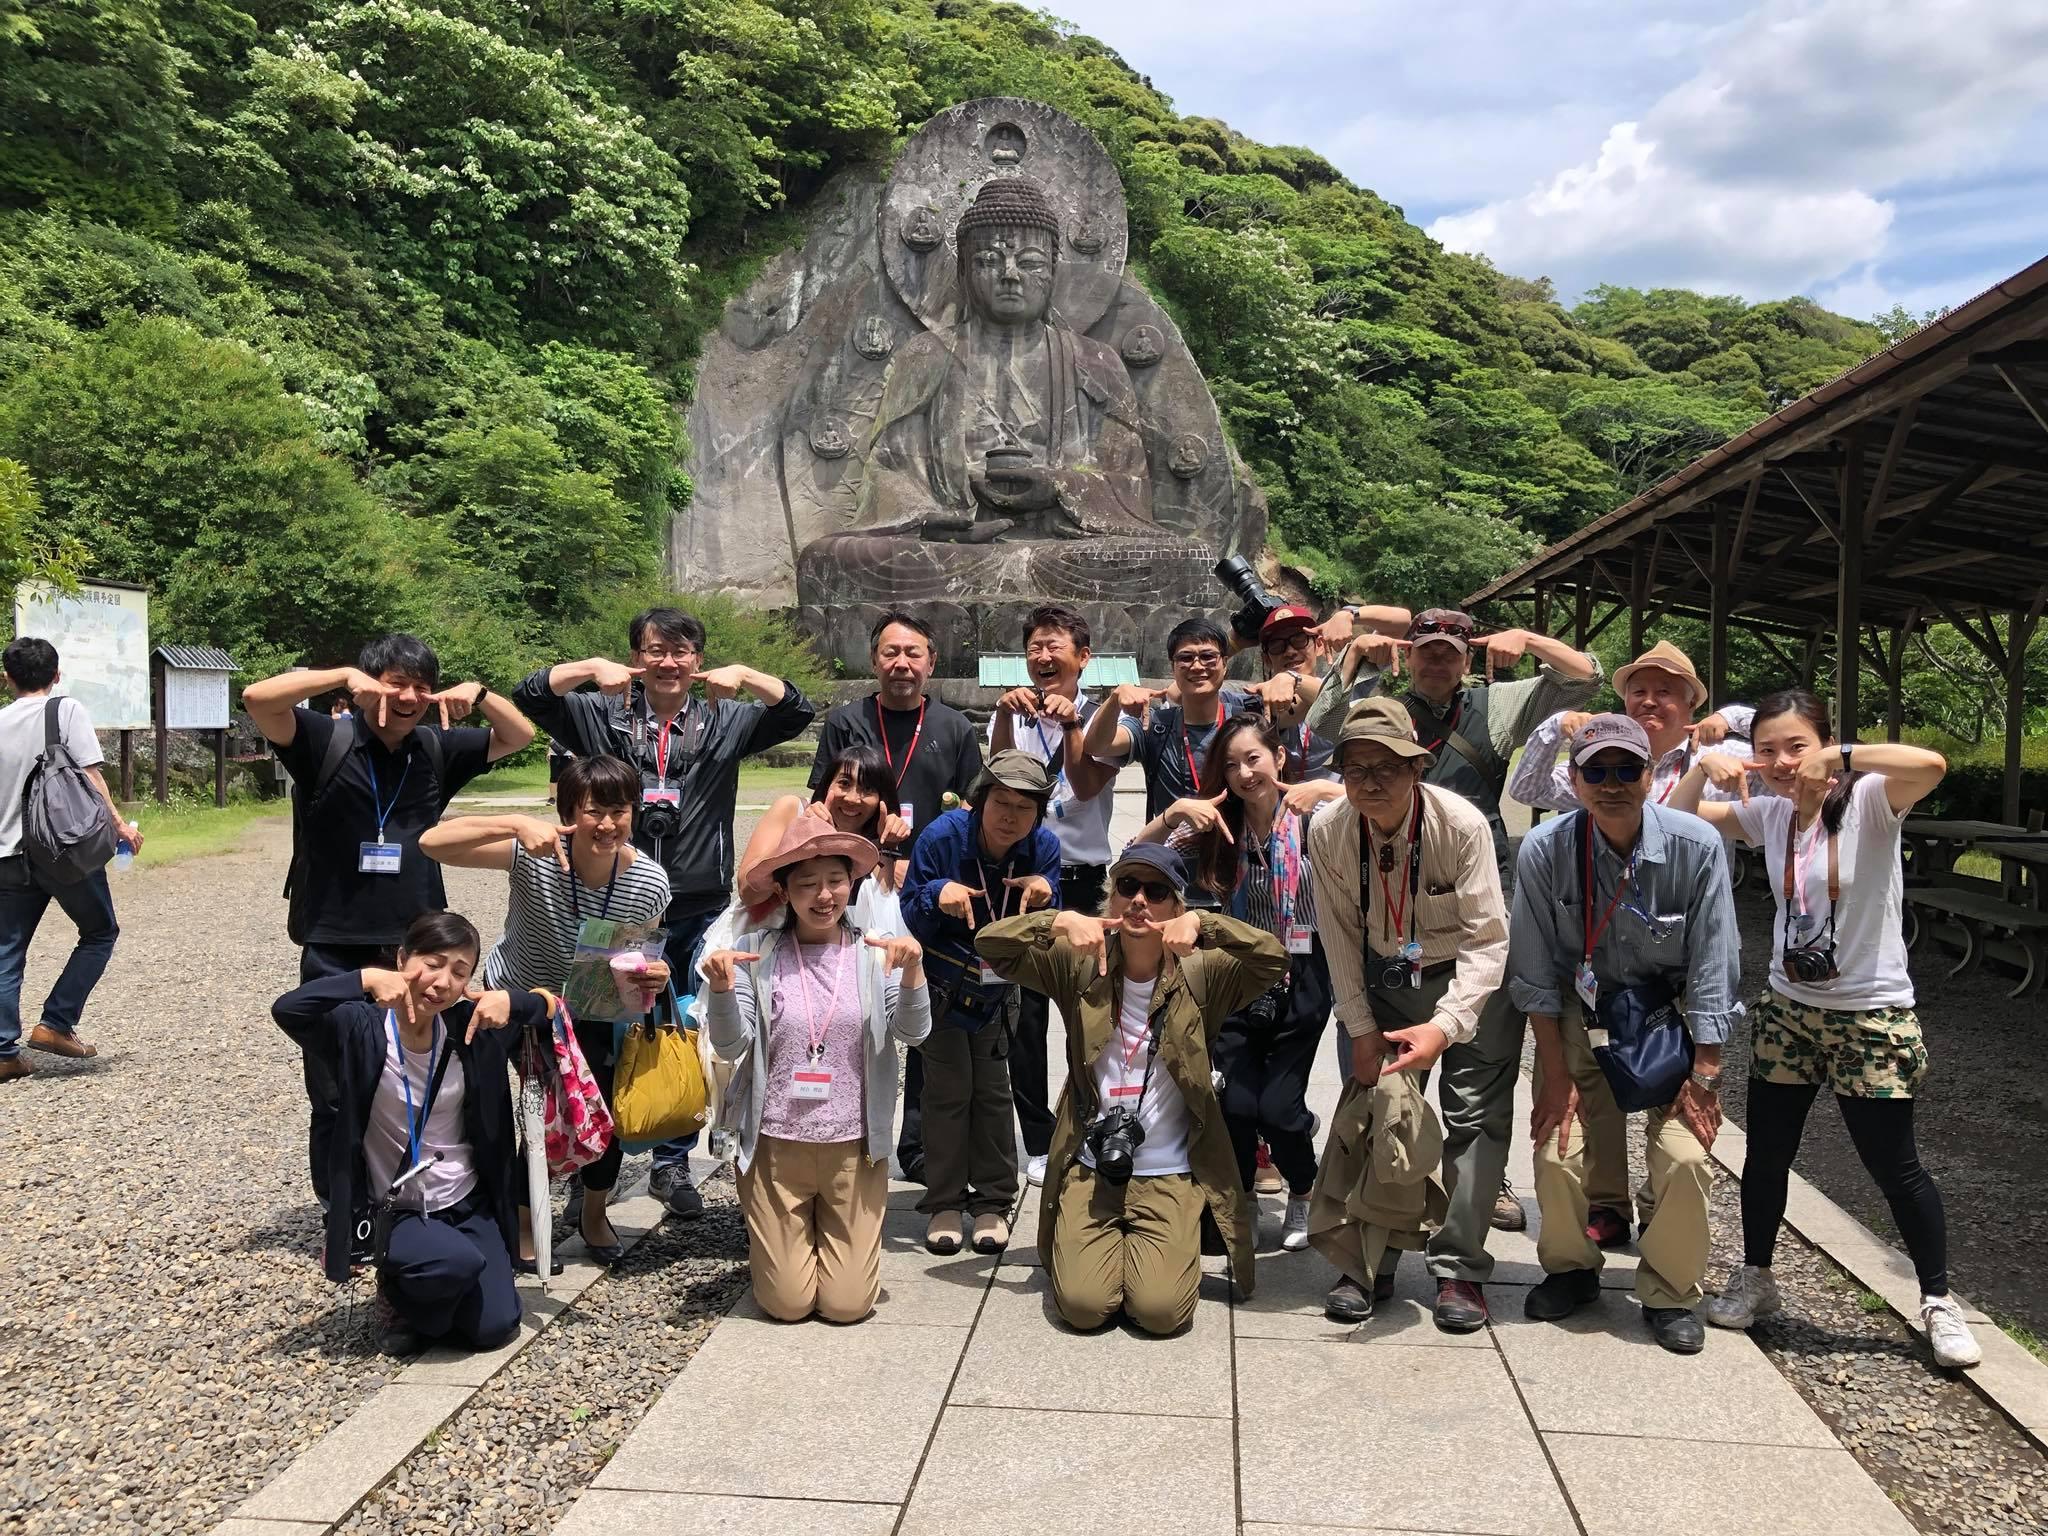 일본에서 가장 크다는 노코기리산 대불. 일행이 그앞에서 TT포즈를 취하며 기념촬영을 했다.